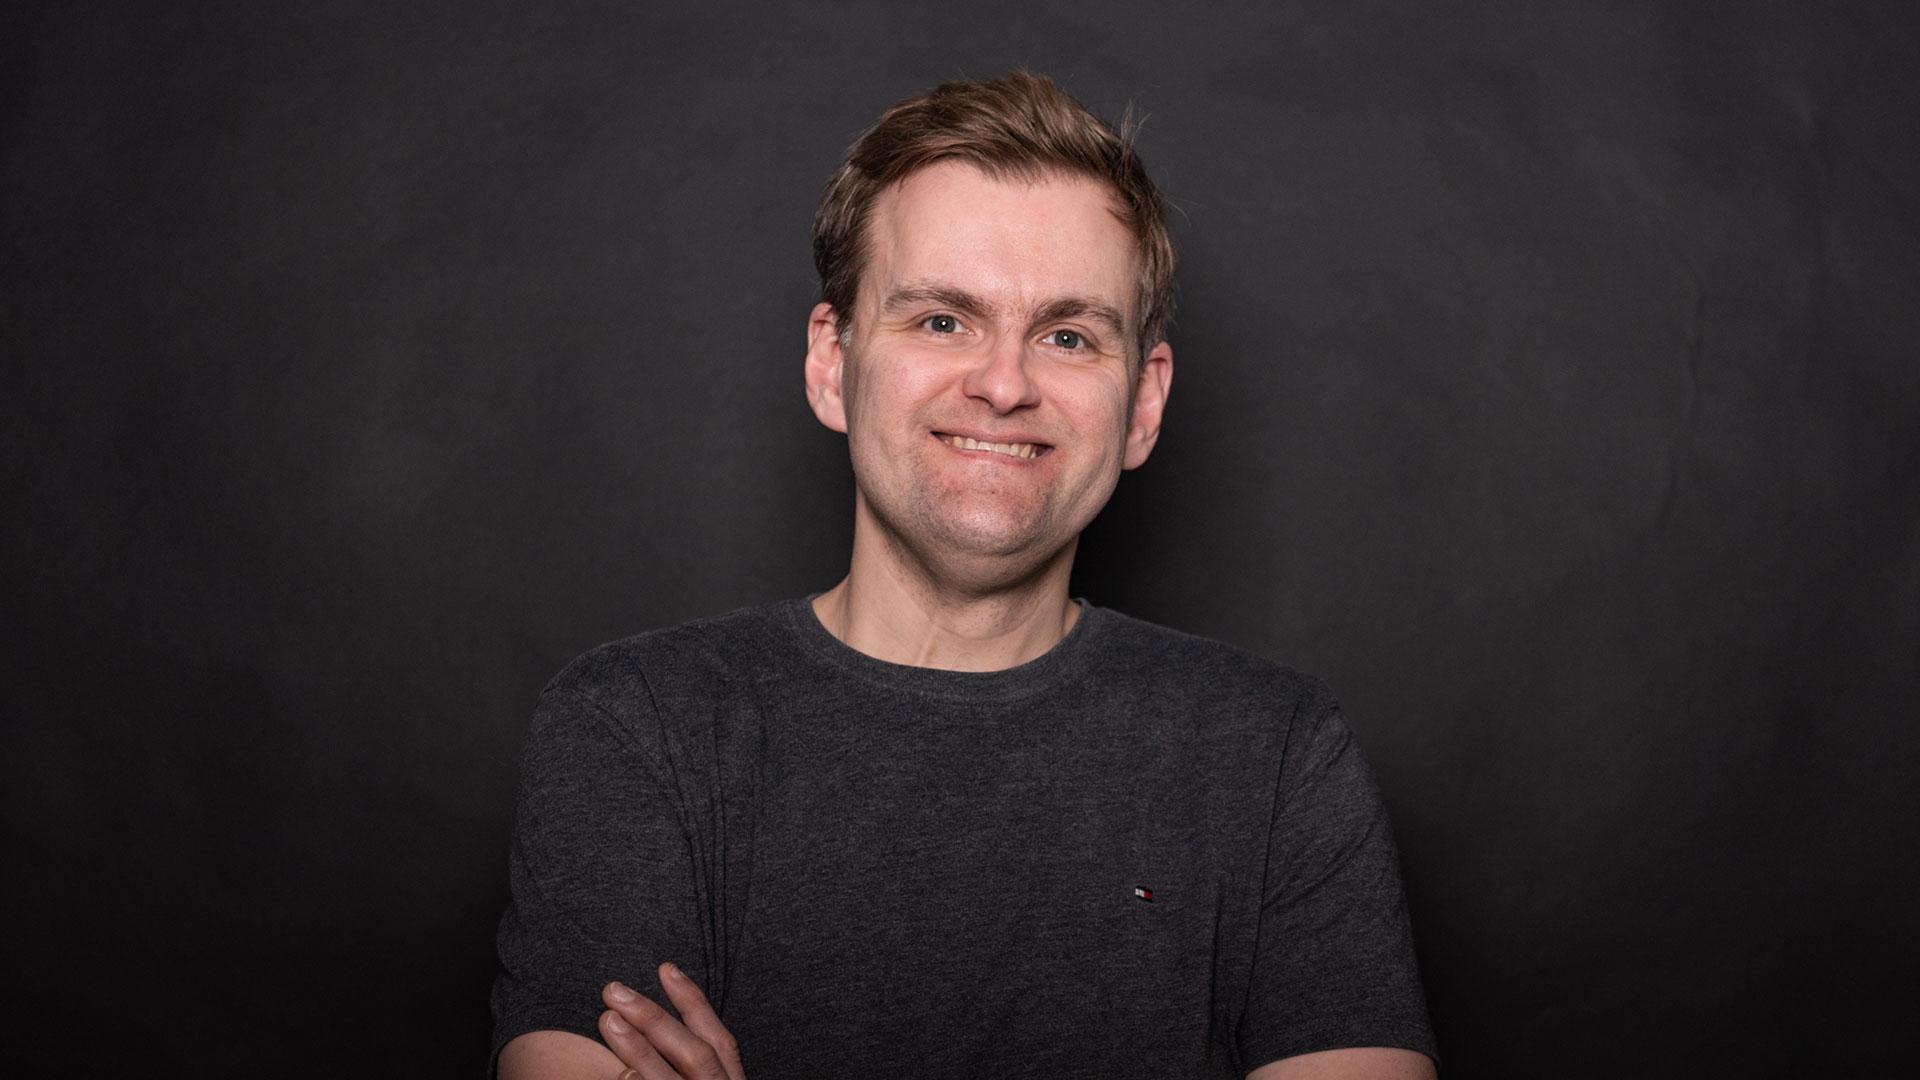 Peter Caunitis, Multimedia & UI/UX Designer